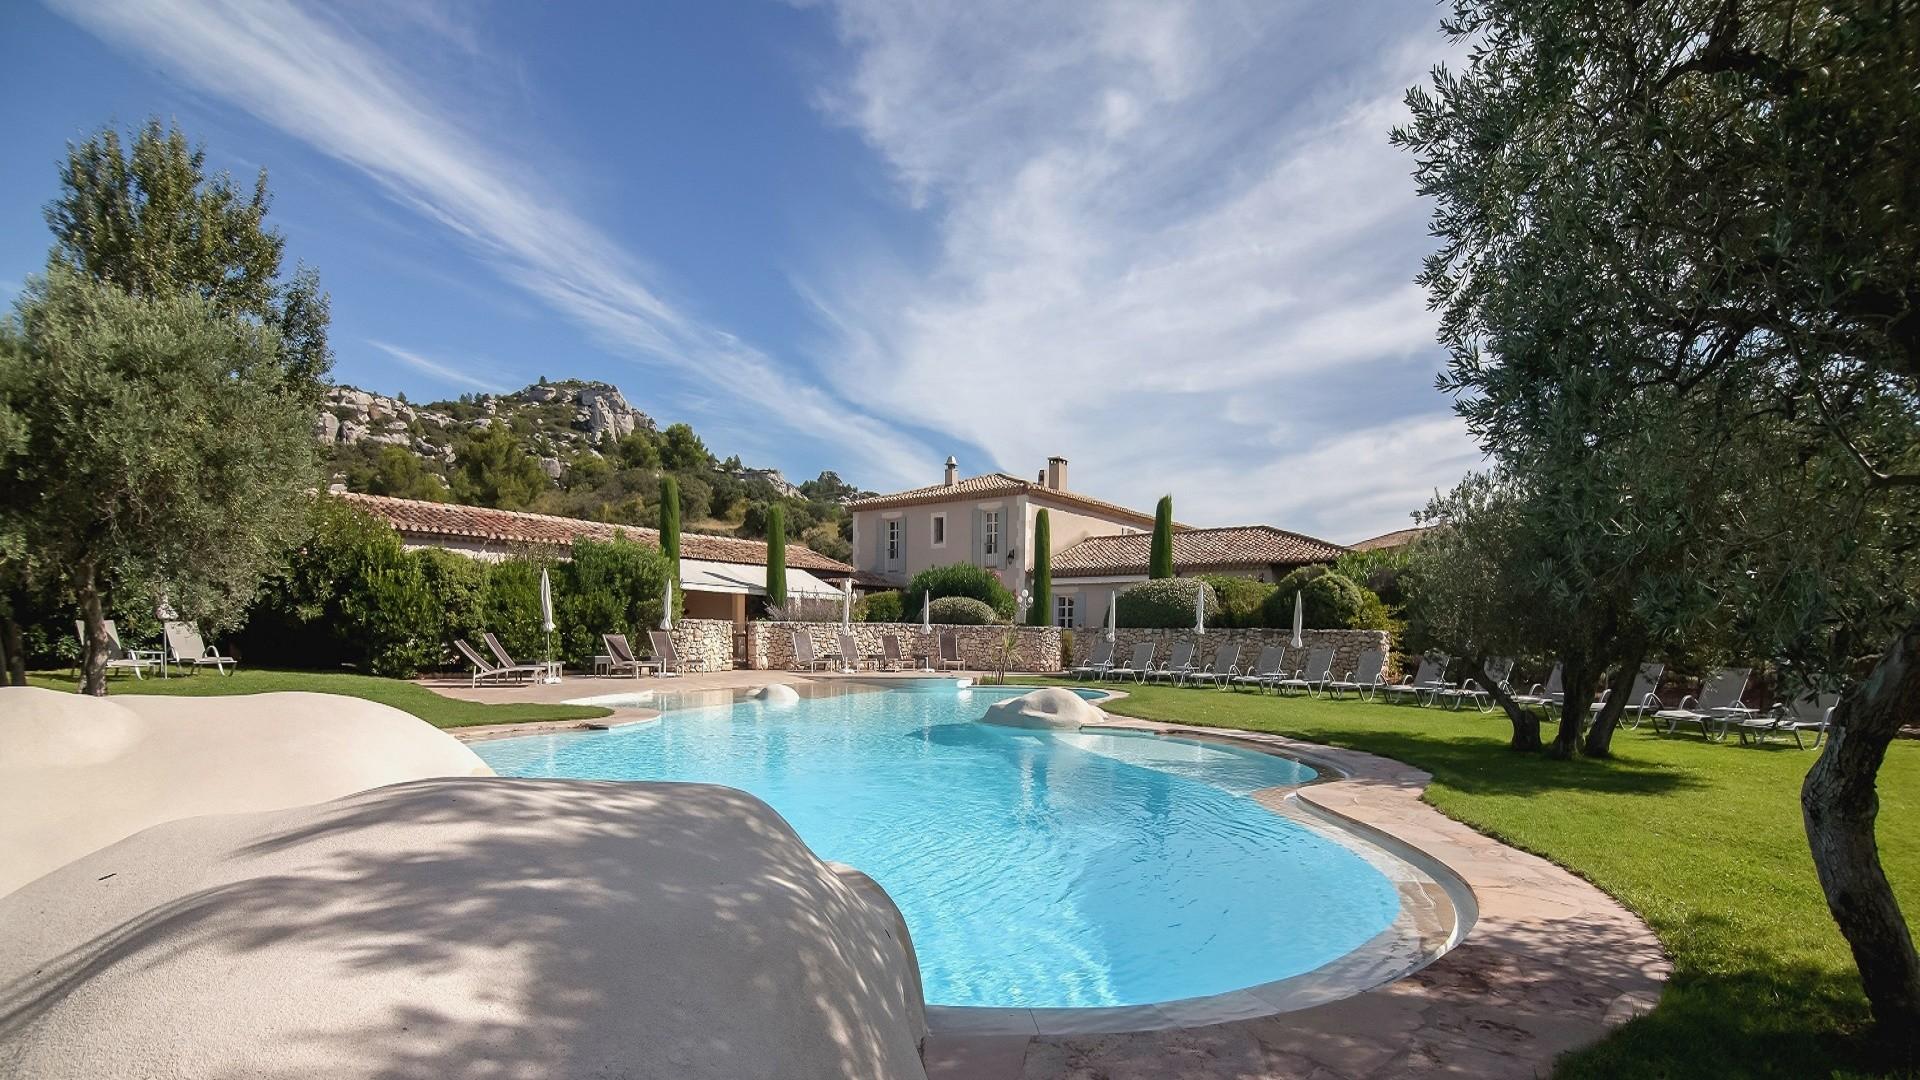 Mas-de-l'oulivie-Les-Baux -de-Provence-avignon-saint-remy-alpilles-incentive